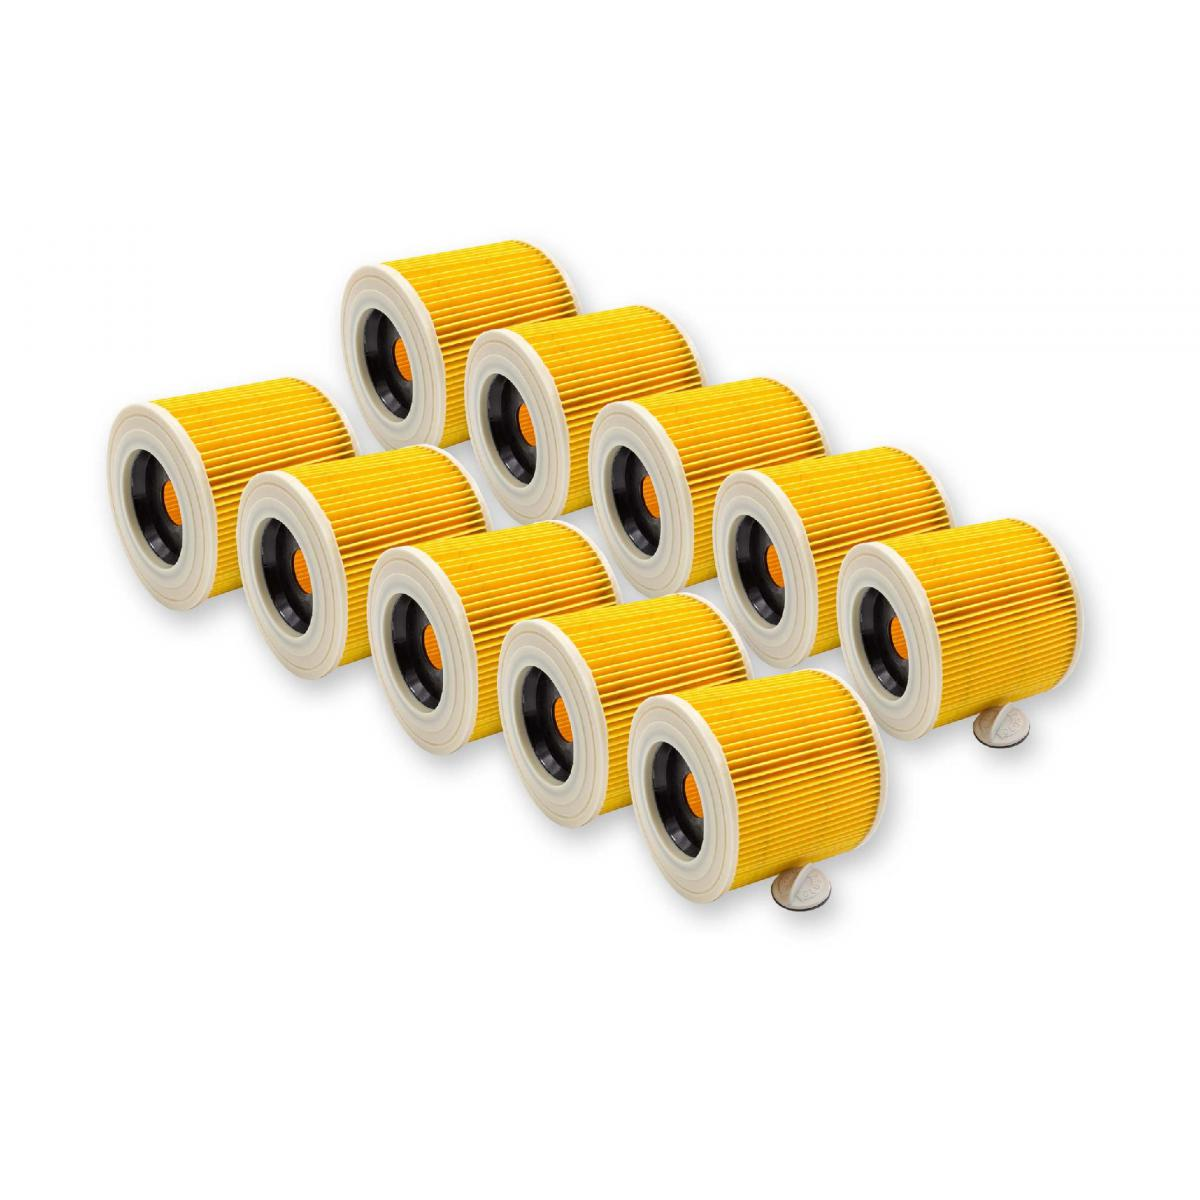 Vhbw vhbw 10x filtre à cartouches pour aspirateur robot aspirateur multi-usages Kärcher WD 3600, WD 3.600